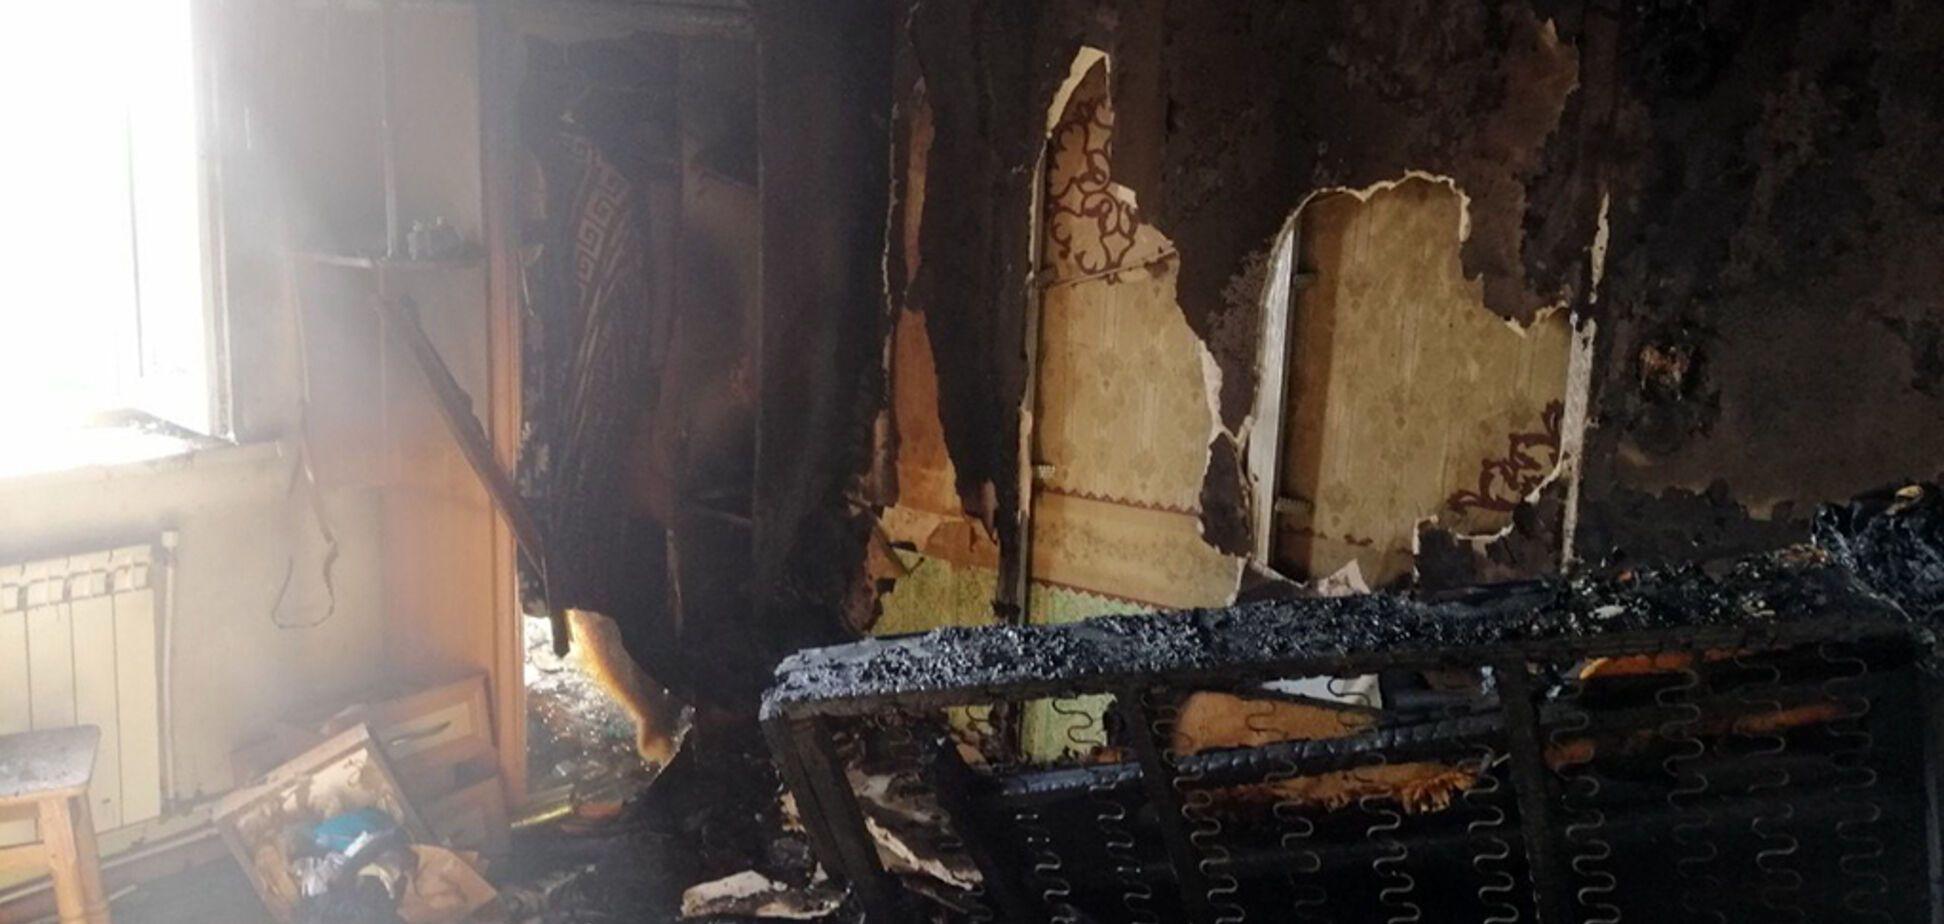 На Дніпропетровщині в будинку згоріли двоє чоловіків, у дворі знайшли повішену жінку. Фото